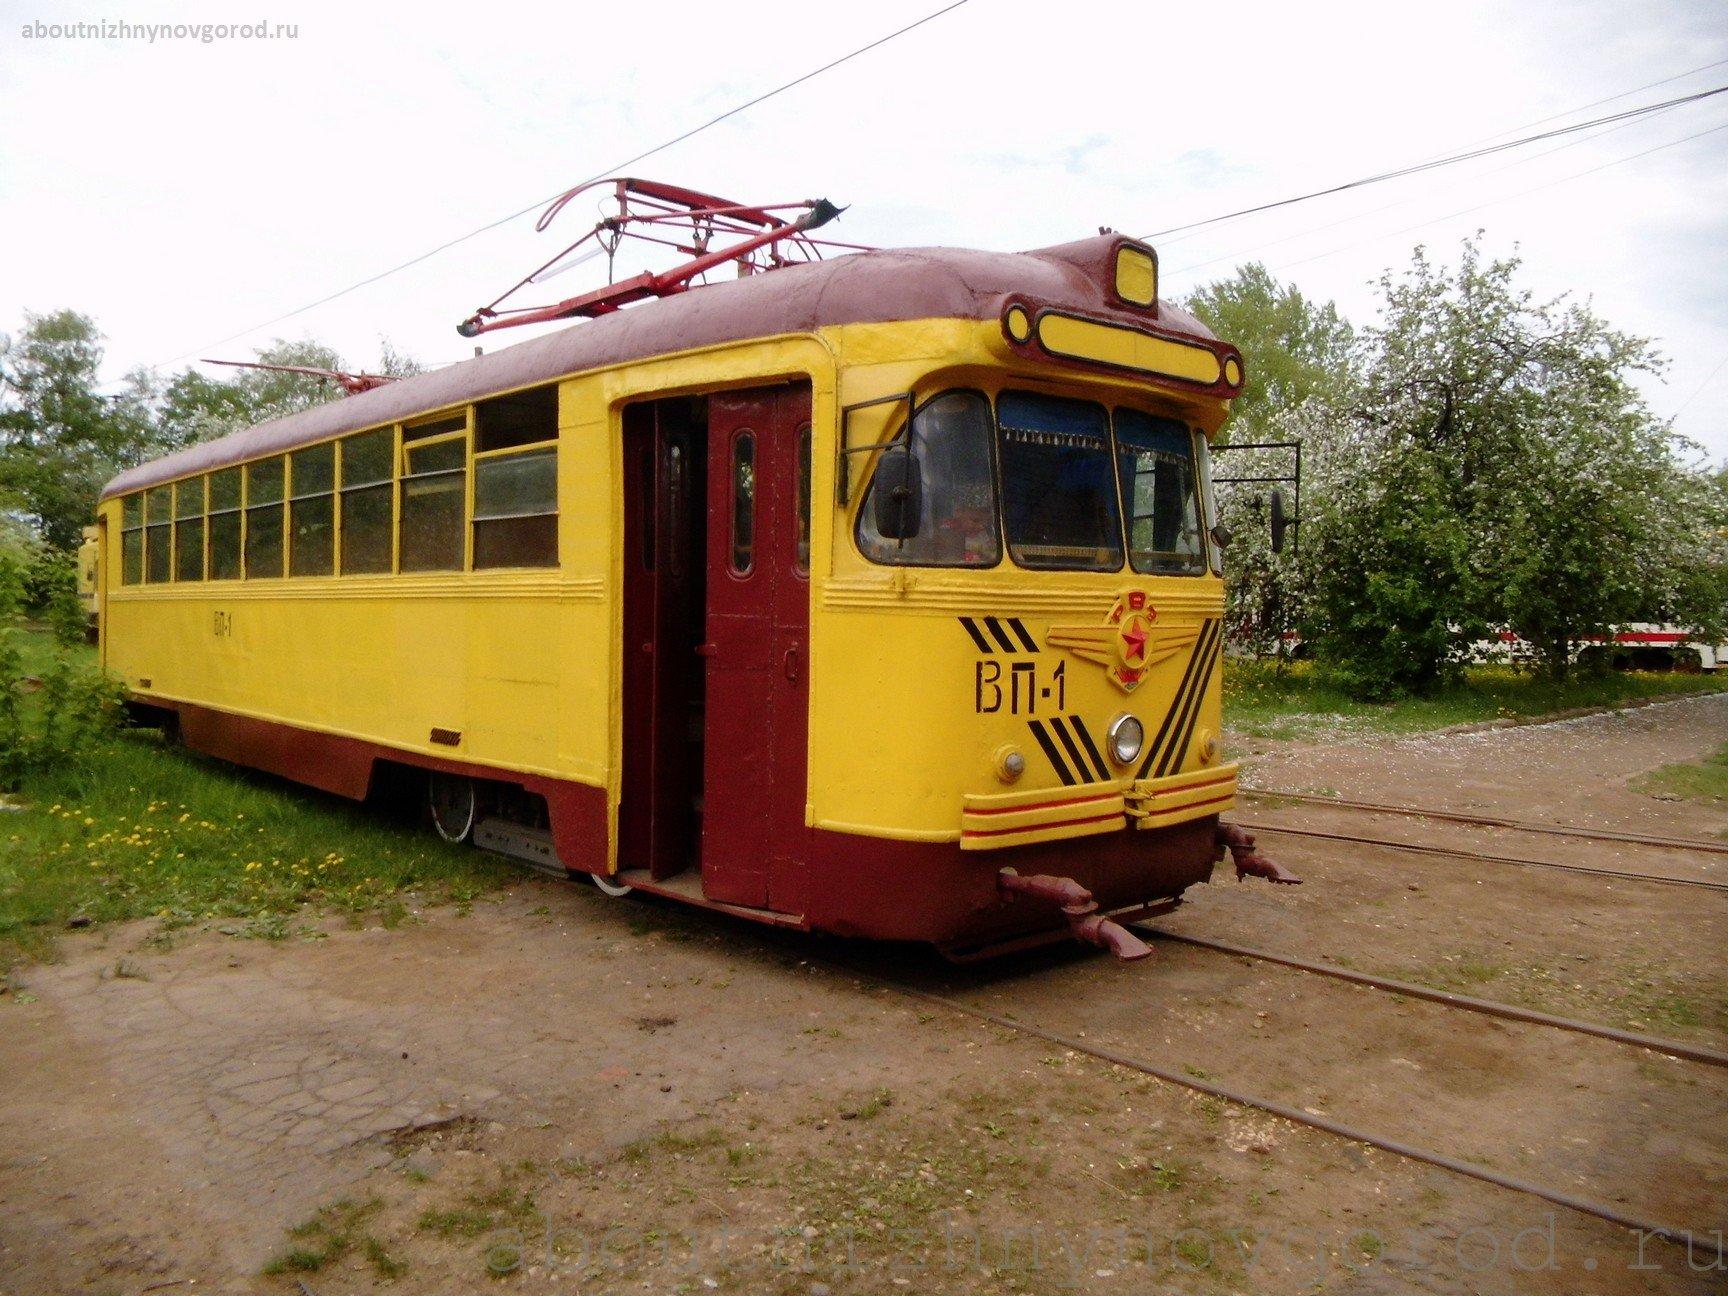 А этот трамвай, что перевозит!? Бочку какую то…